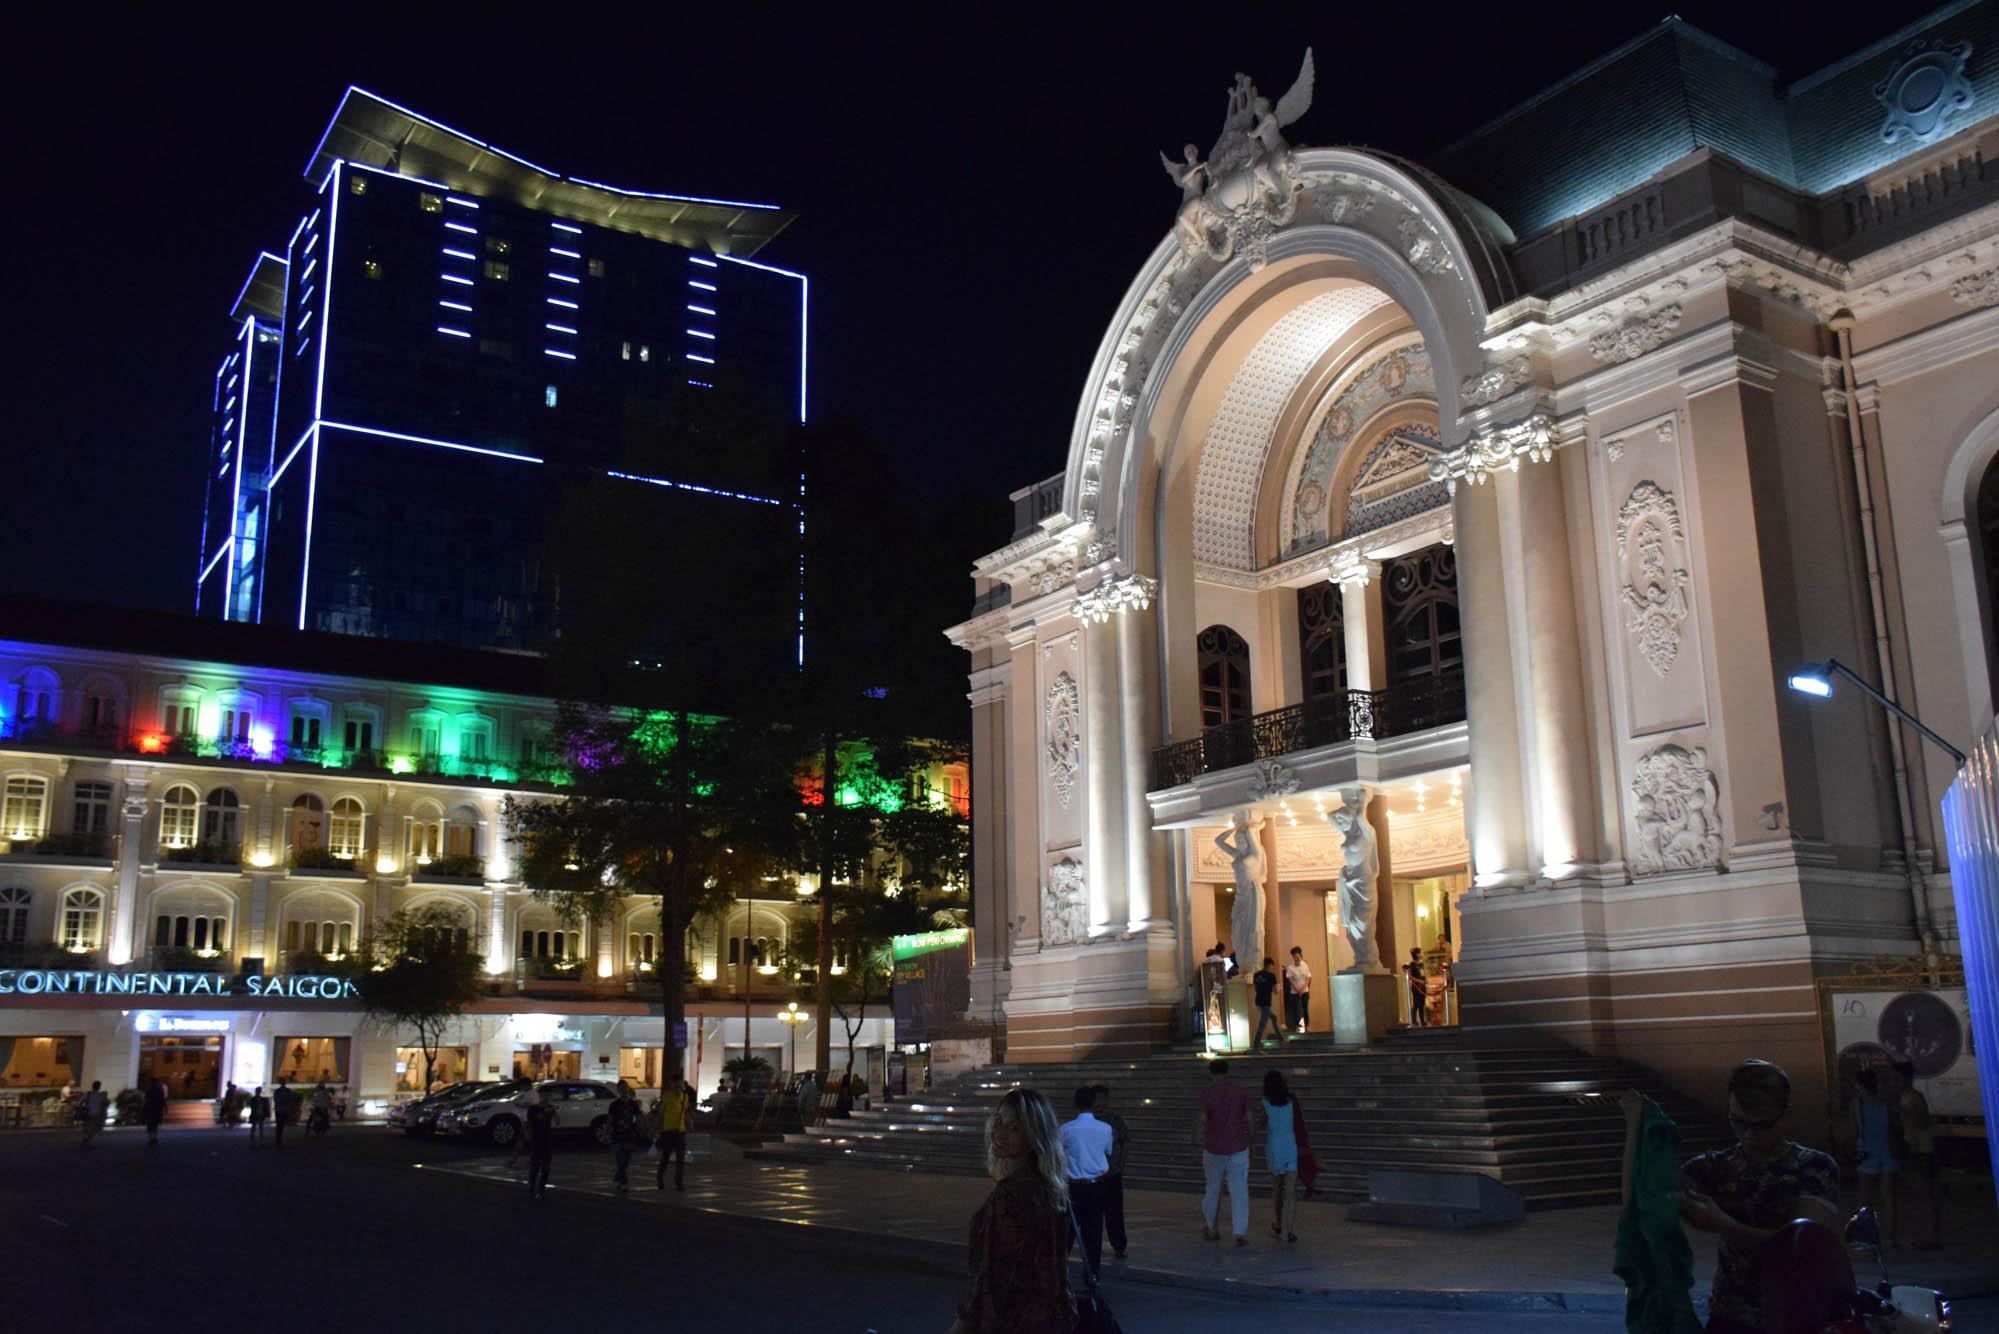 Opera House de Saigon - estilo francês contrastando com os novos prédios modernos